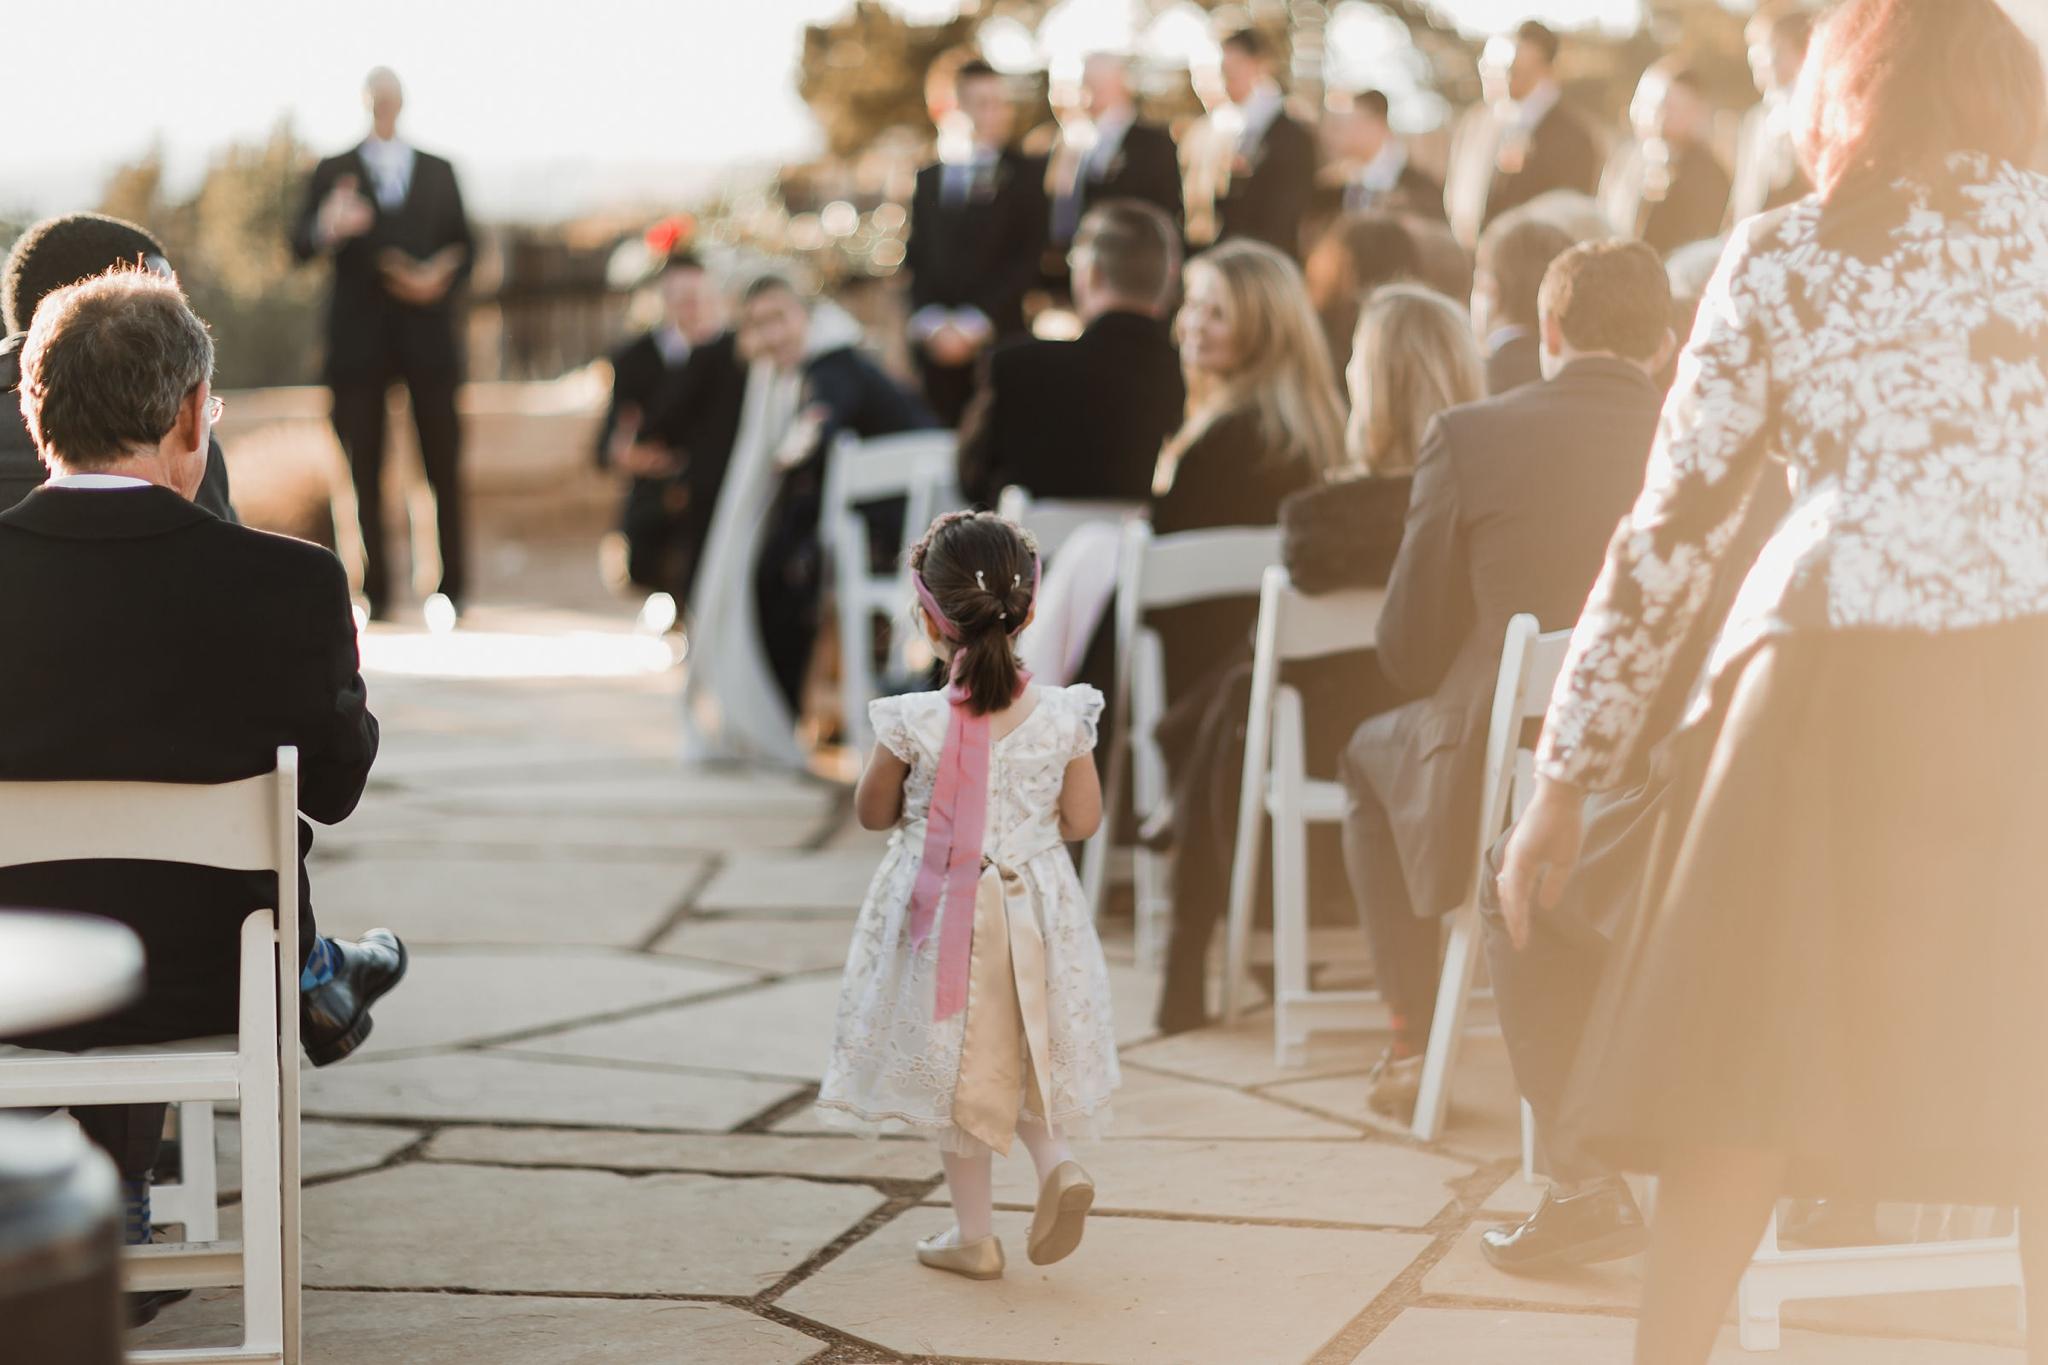 Alicia+lucia+photography+-+albuquerque+wedding+photographer+-+santa+fe+wedding+photography+-+new+mexico+wedding+photographer+-+new+mexico+wedding+-+flower+girl+-+wedding+flower+girl_0001.jpg